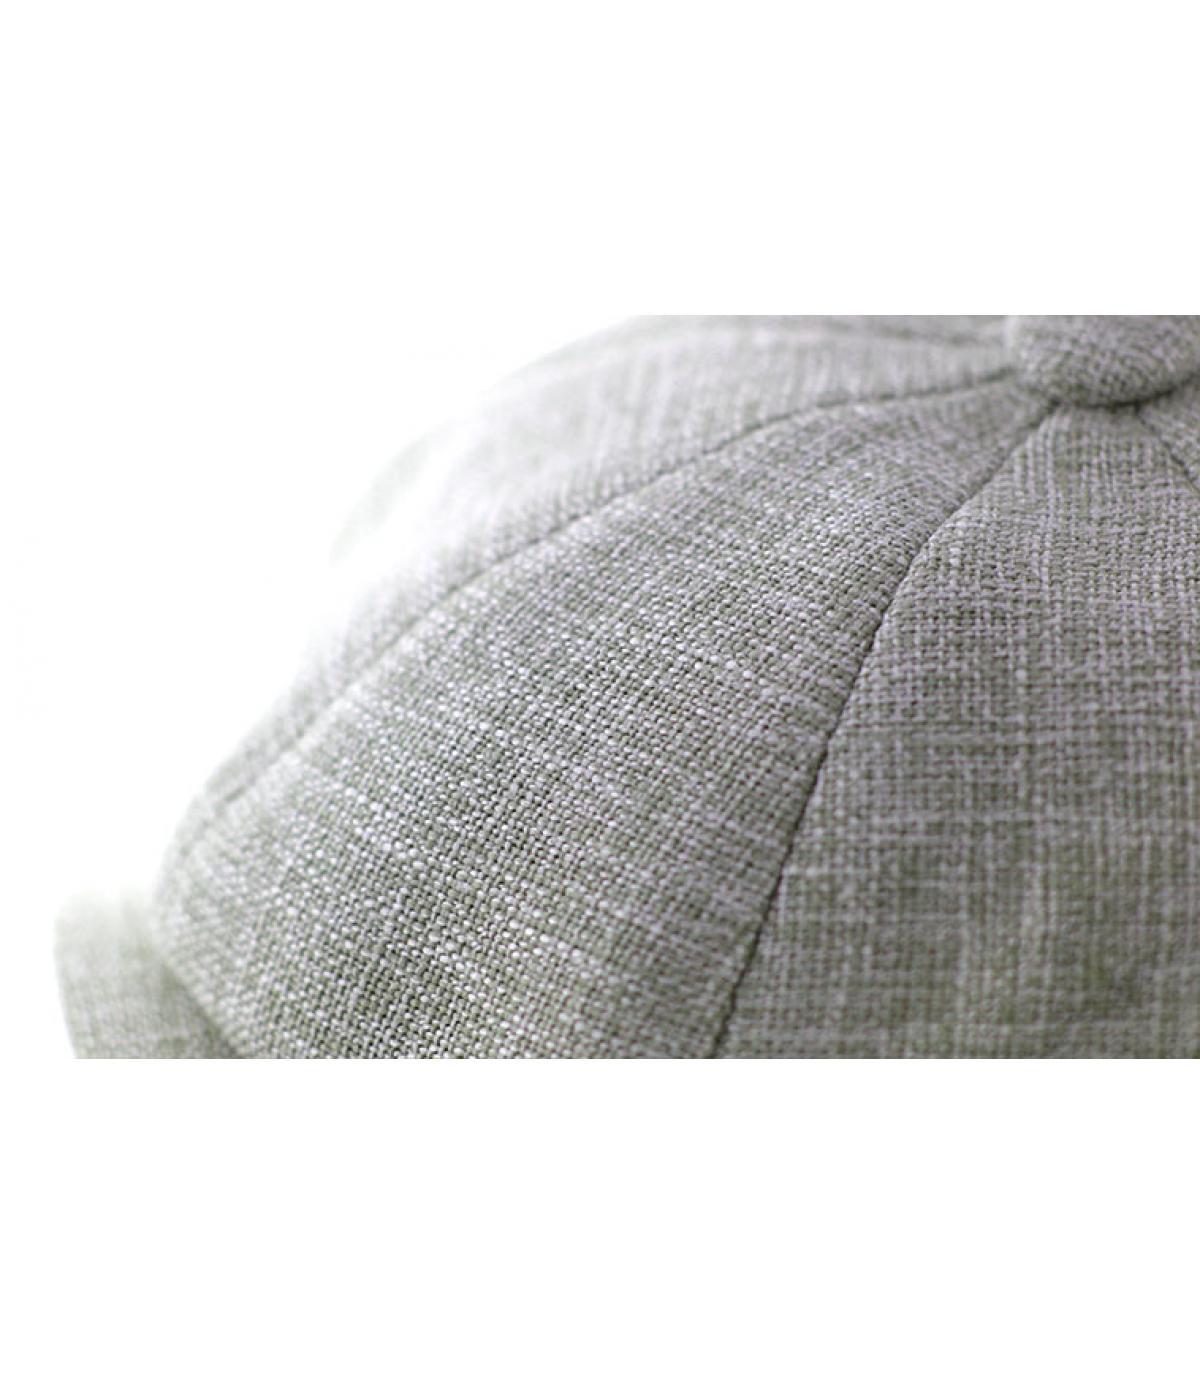 Détails Casquette gavroche coton naturel - image 3